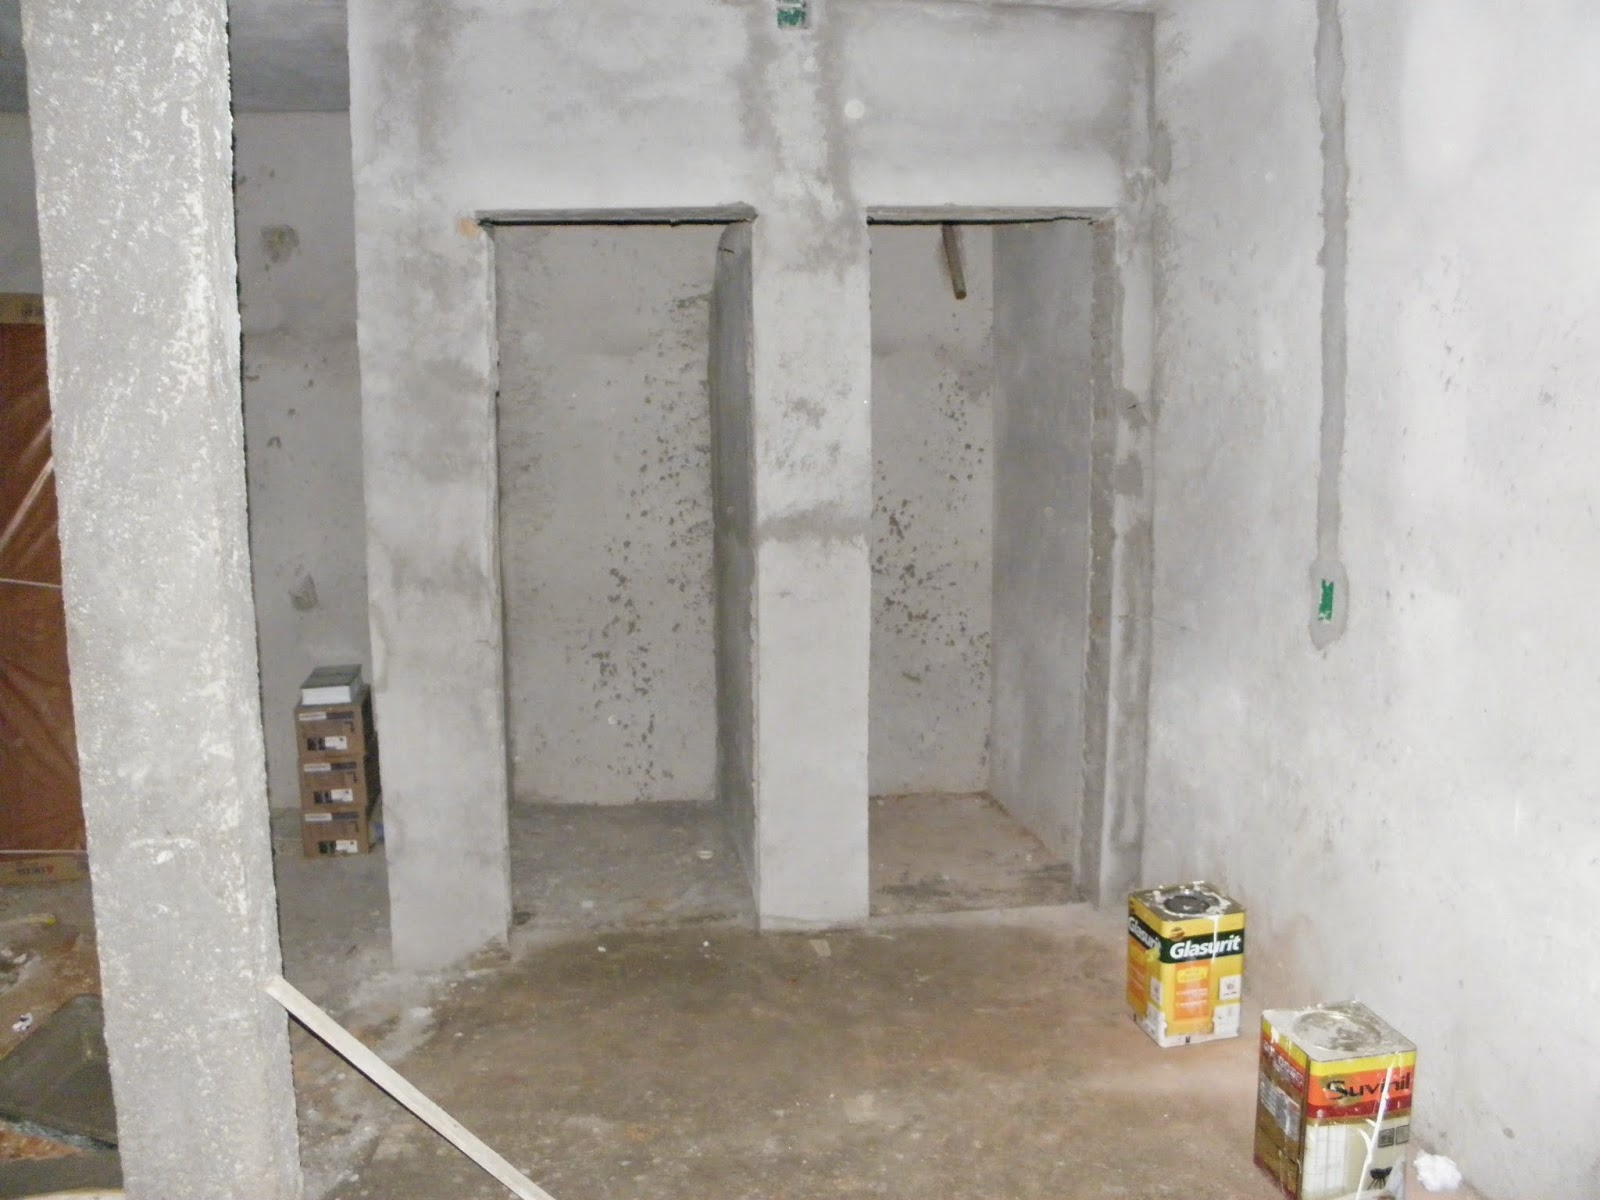 #A38928 As paredes da frente serão duplas: uma parede de meio tijolo   uma  472 Janelas Duplas Isolamento Acustico